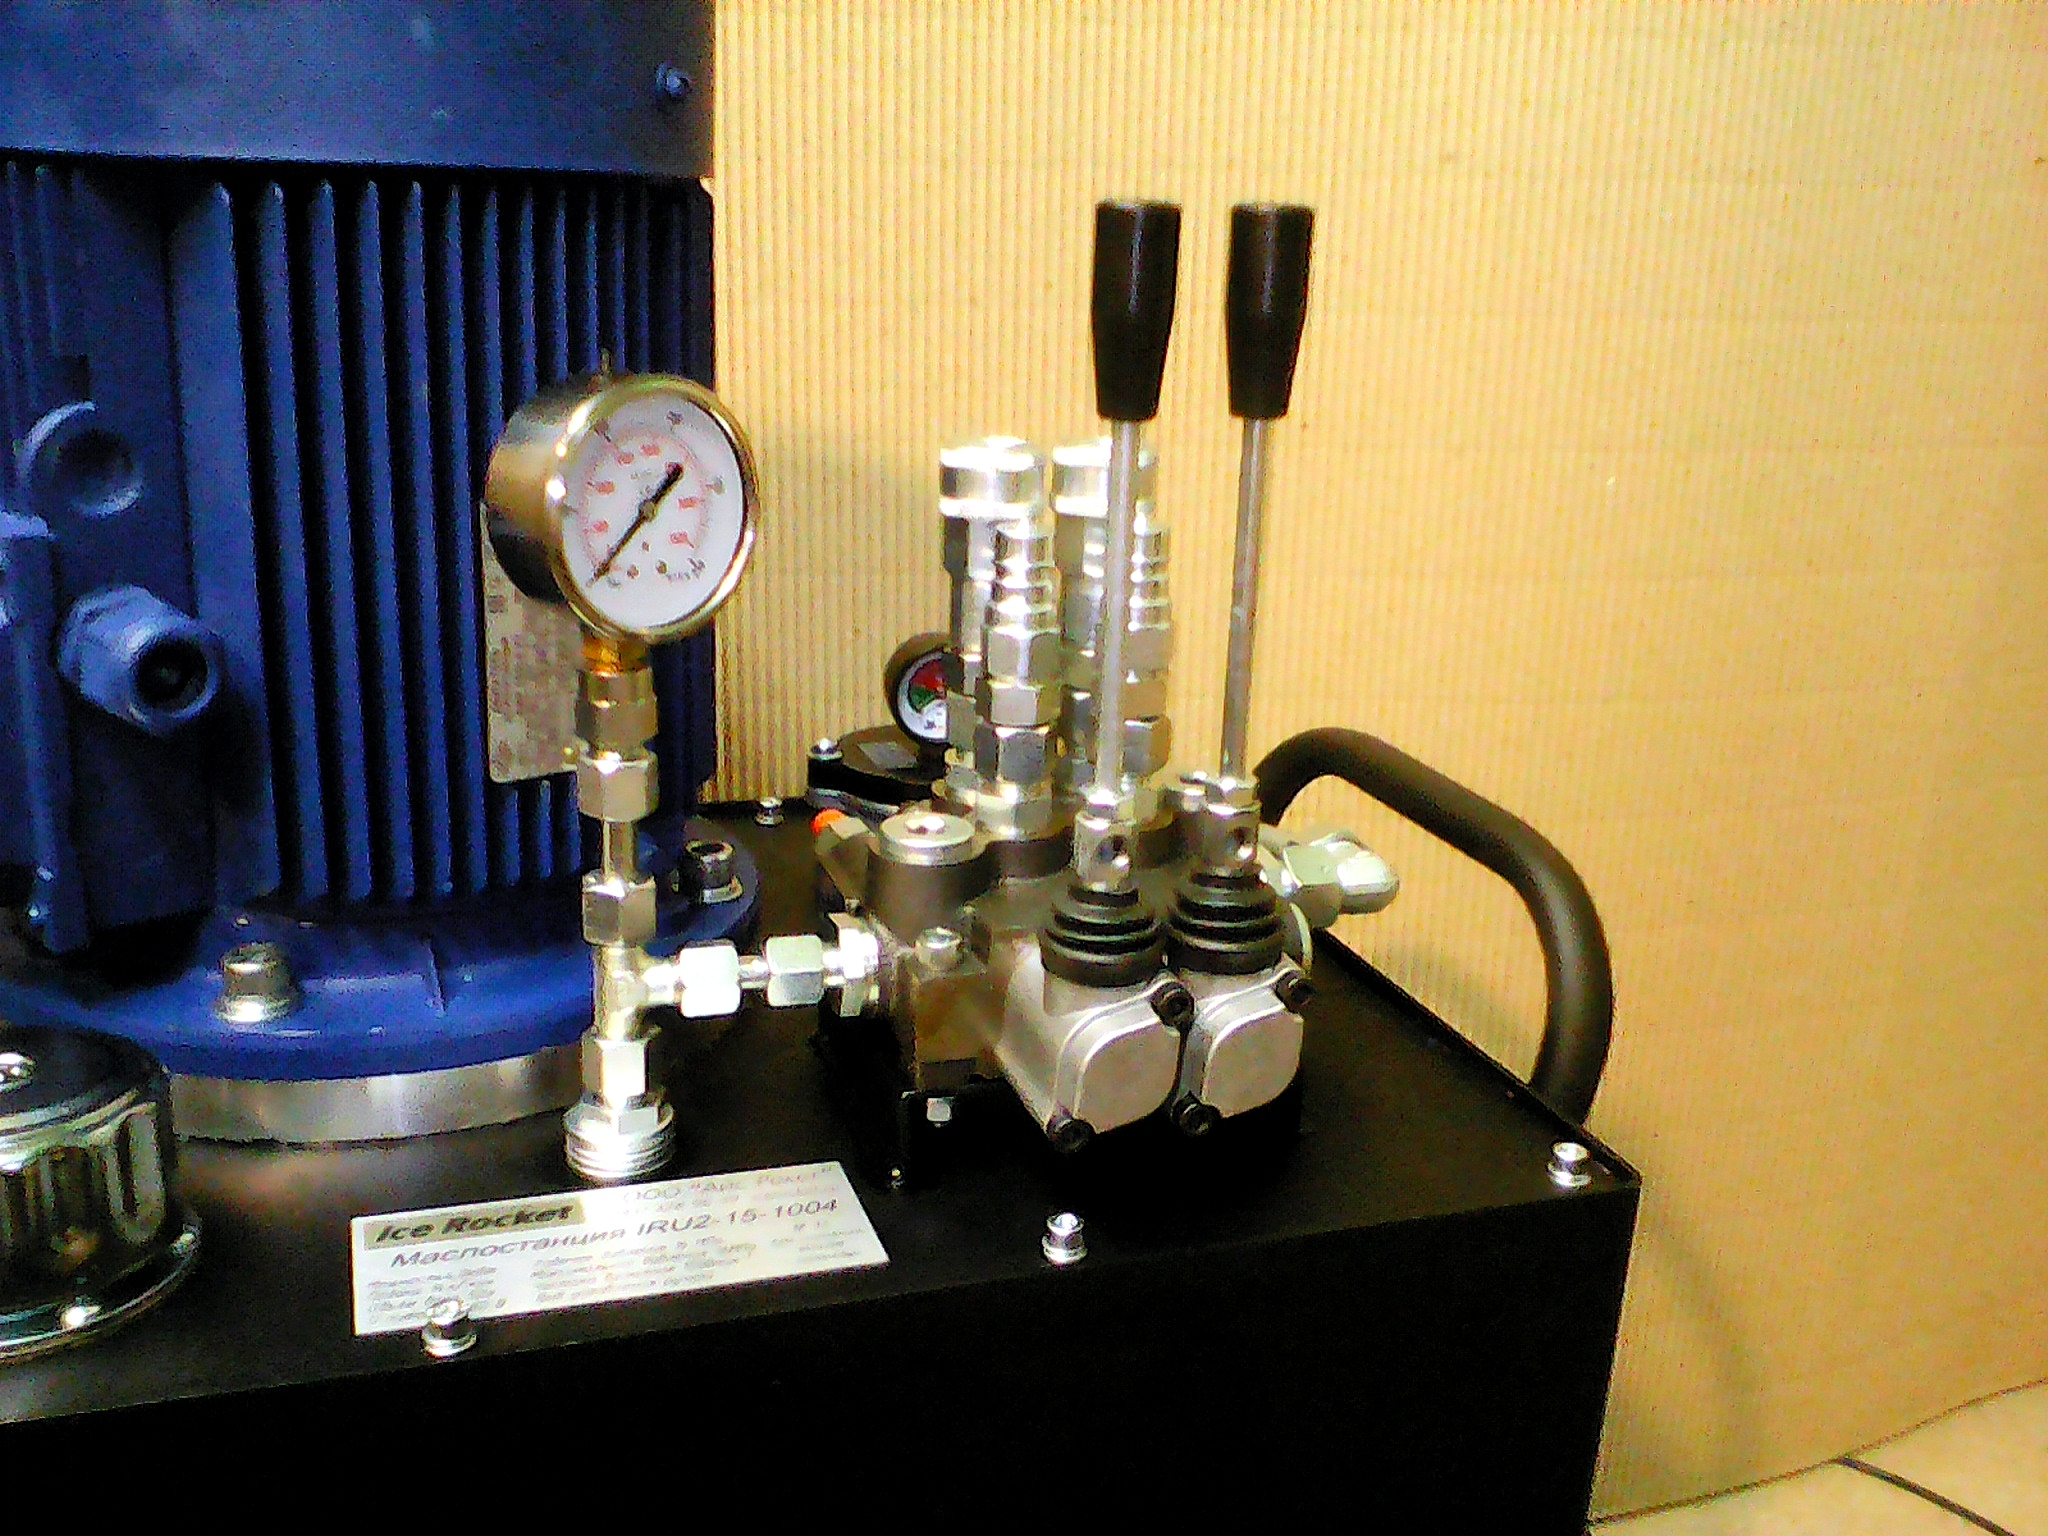 Изготовление, под заказ маслостанция, ICE ROCKET Маслостанции IRS стационарныеМаслостанции IRU с ручным управлениемМаслостанции для подъемного оборудования Маслостанции IRP для прессов: